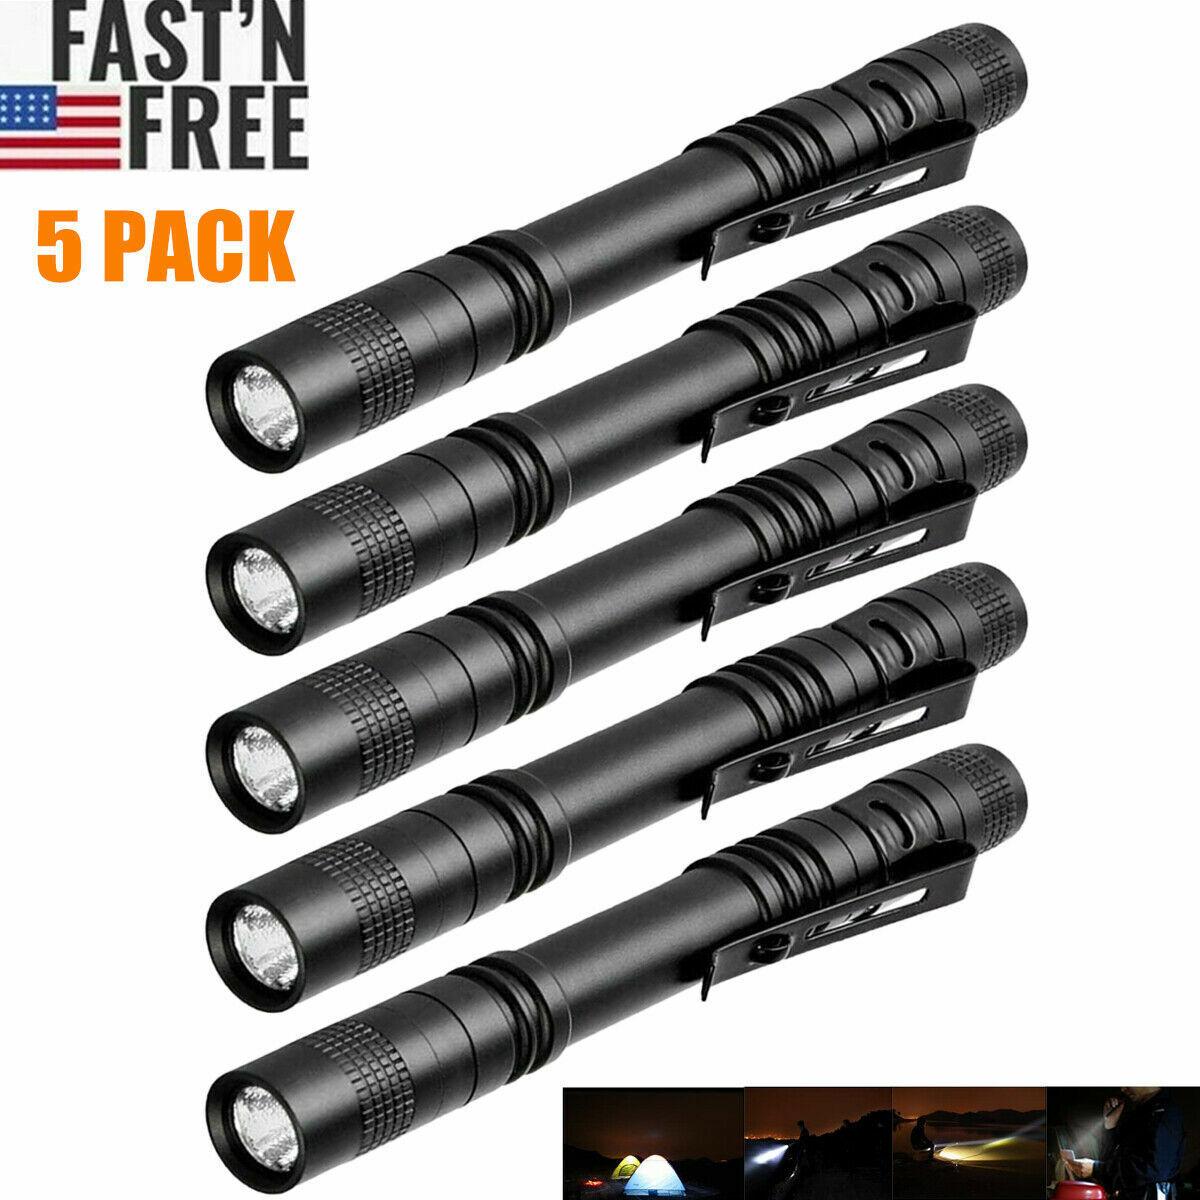 5Pcs XPE-R3 LED Flashlight Portable Pen Torch Lamp Clip Mini Light Penlight US Flashlights & Work Lights